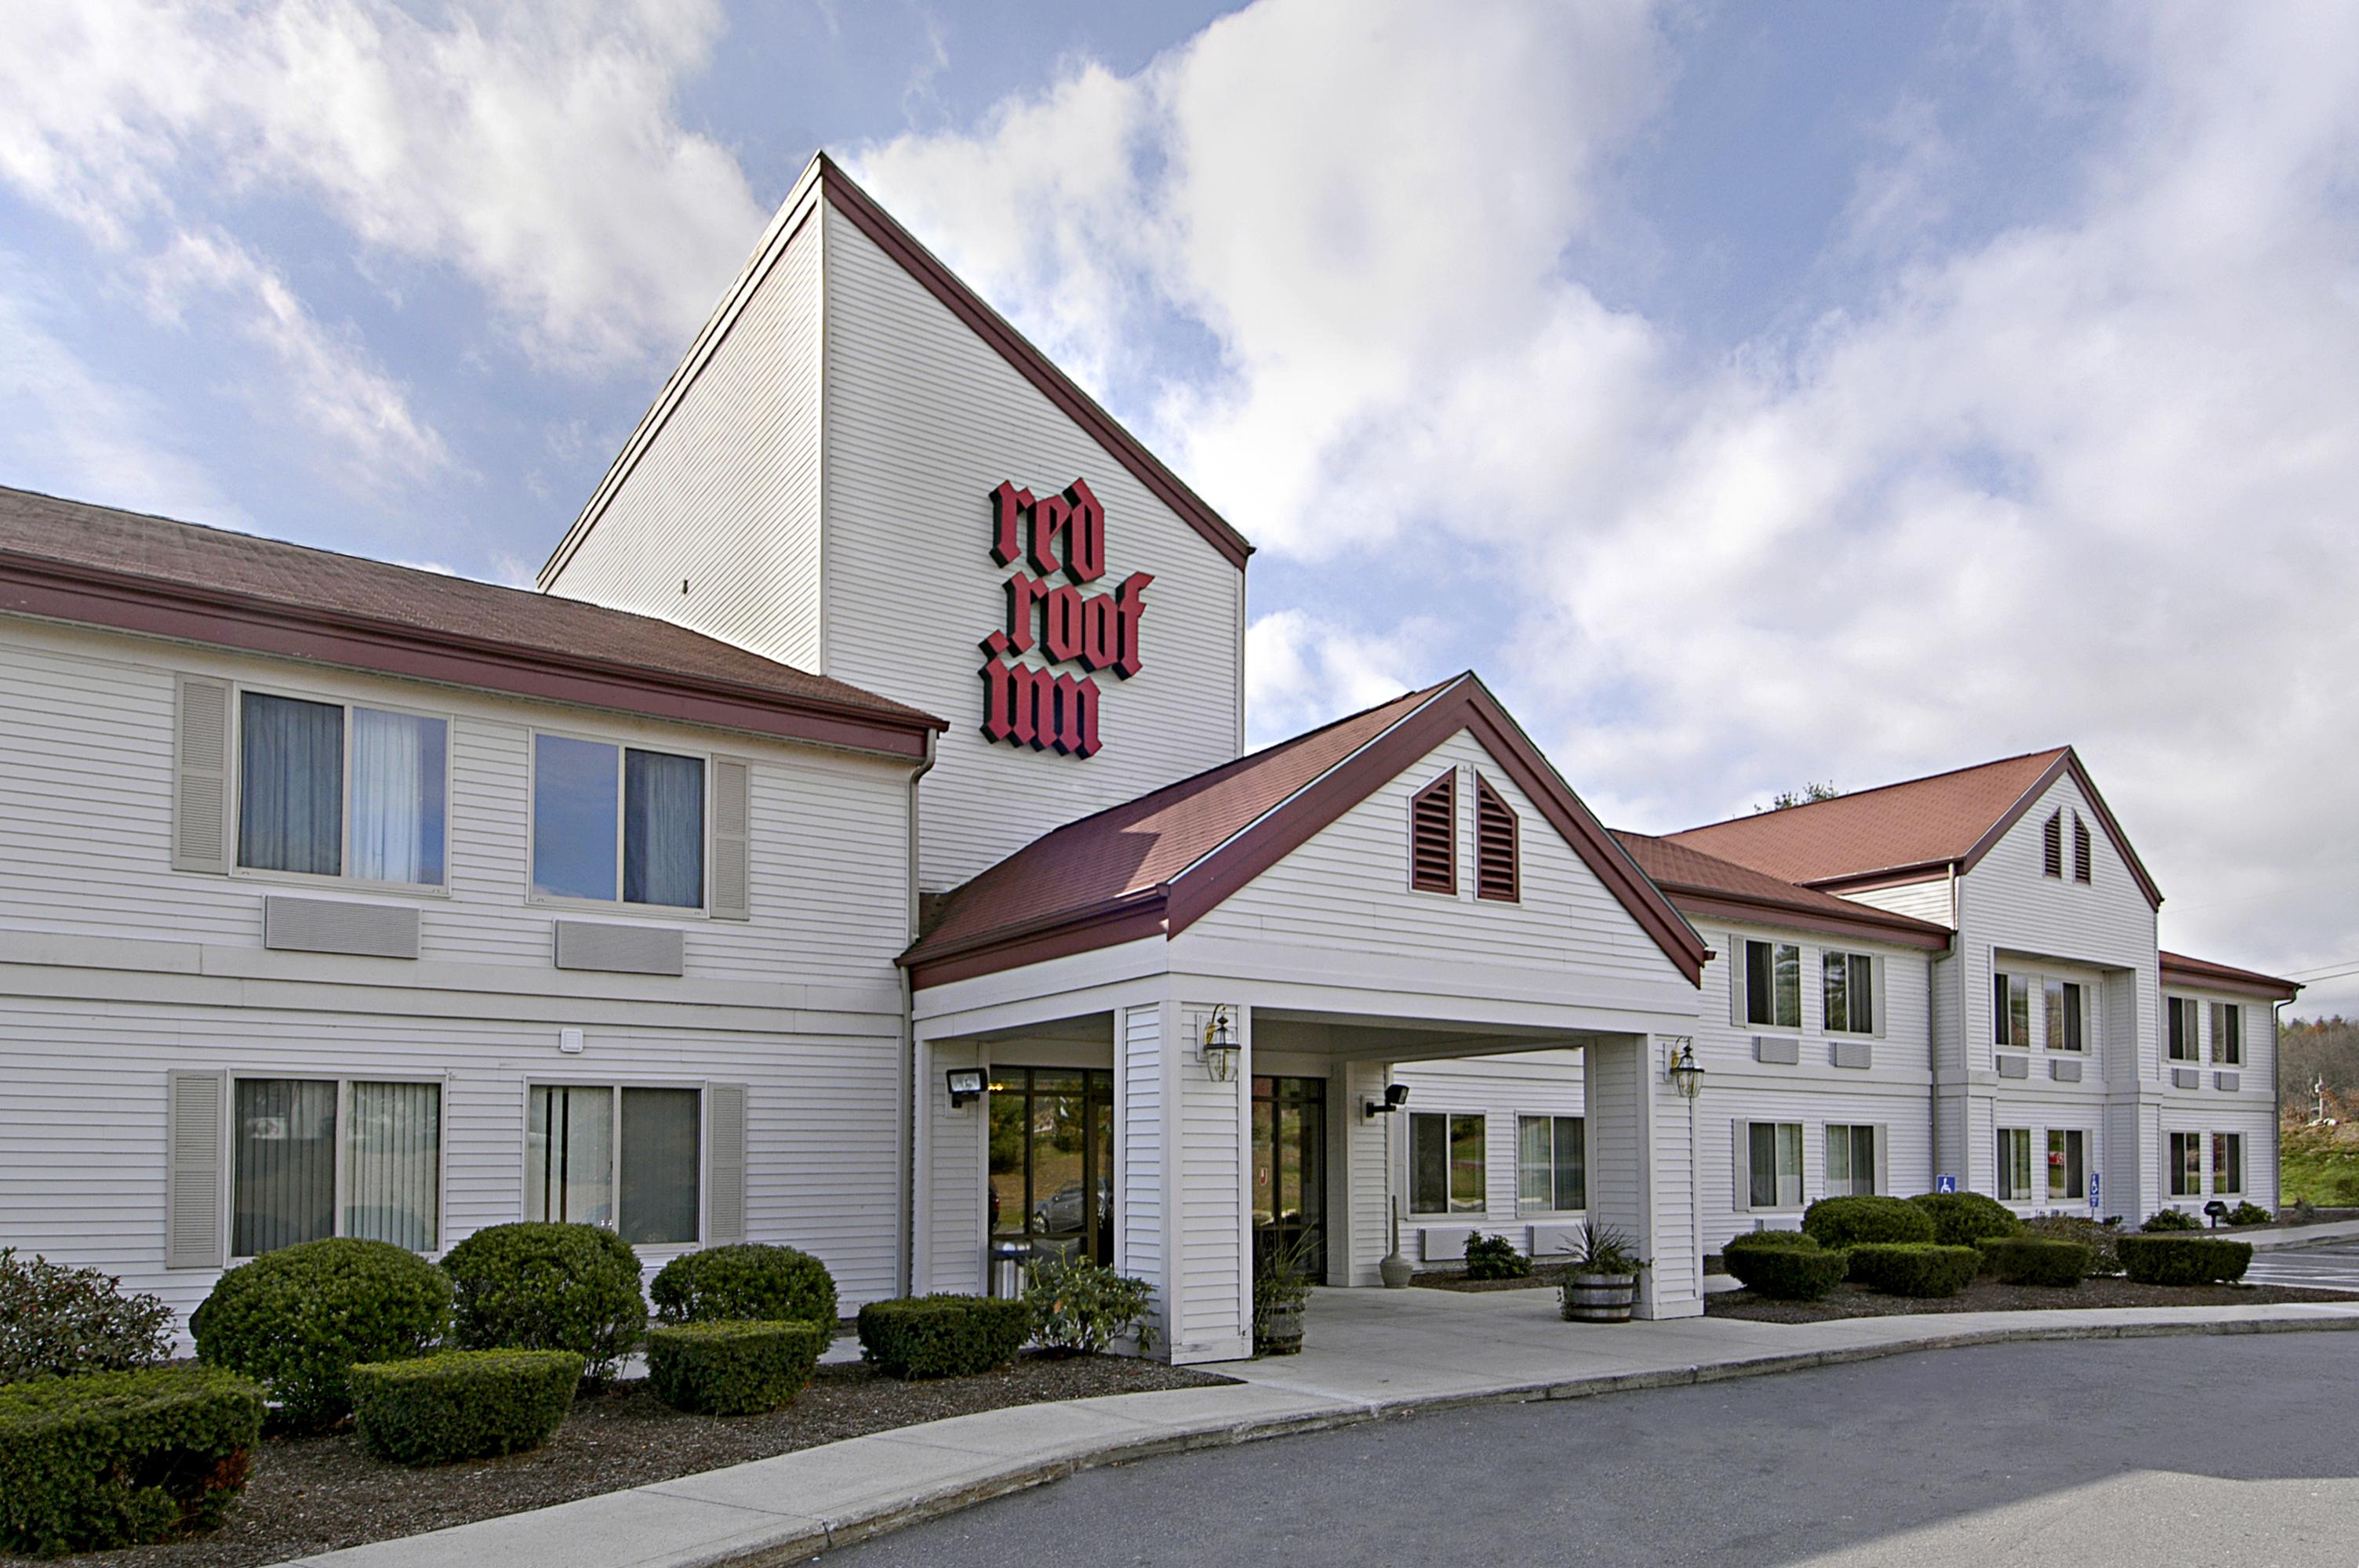 Red Roof Inn of Loudon